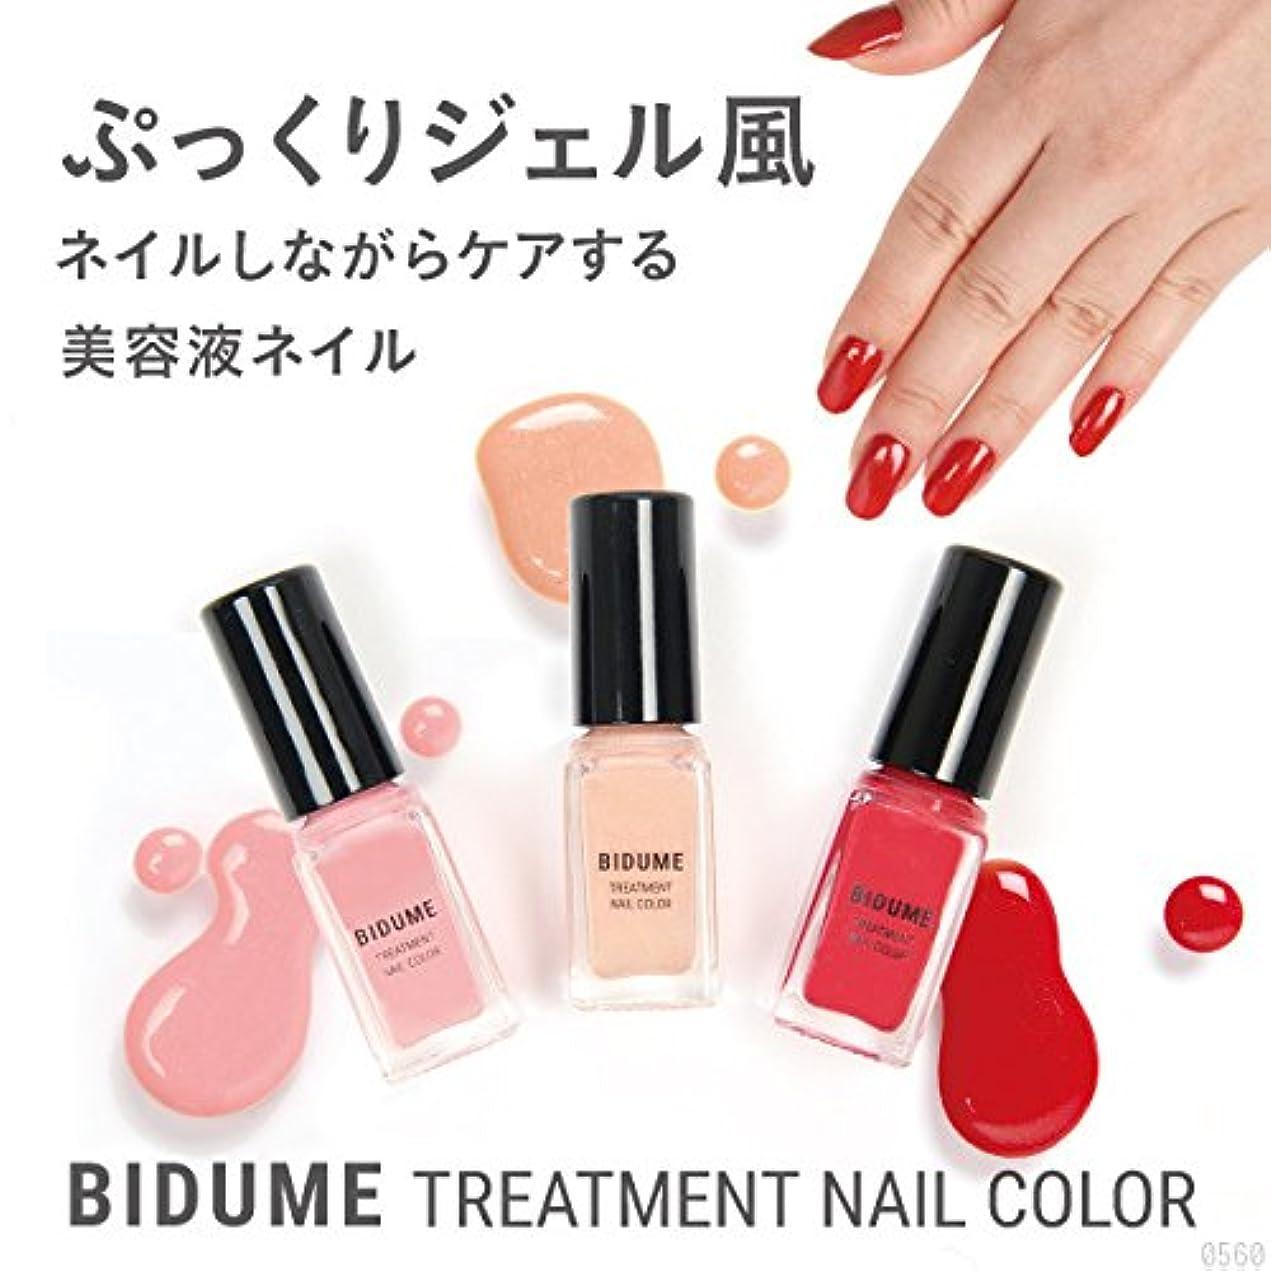 ブラジャー治療順応性のある美爪の休日 ぷっくり風ツヤタイプ 3色セット(ジェル風美容液ネイル)